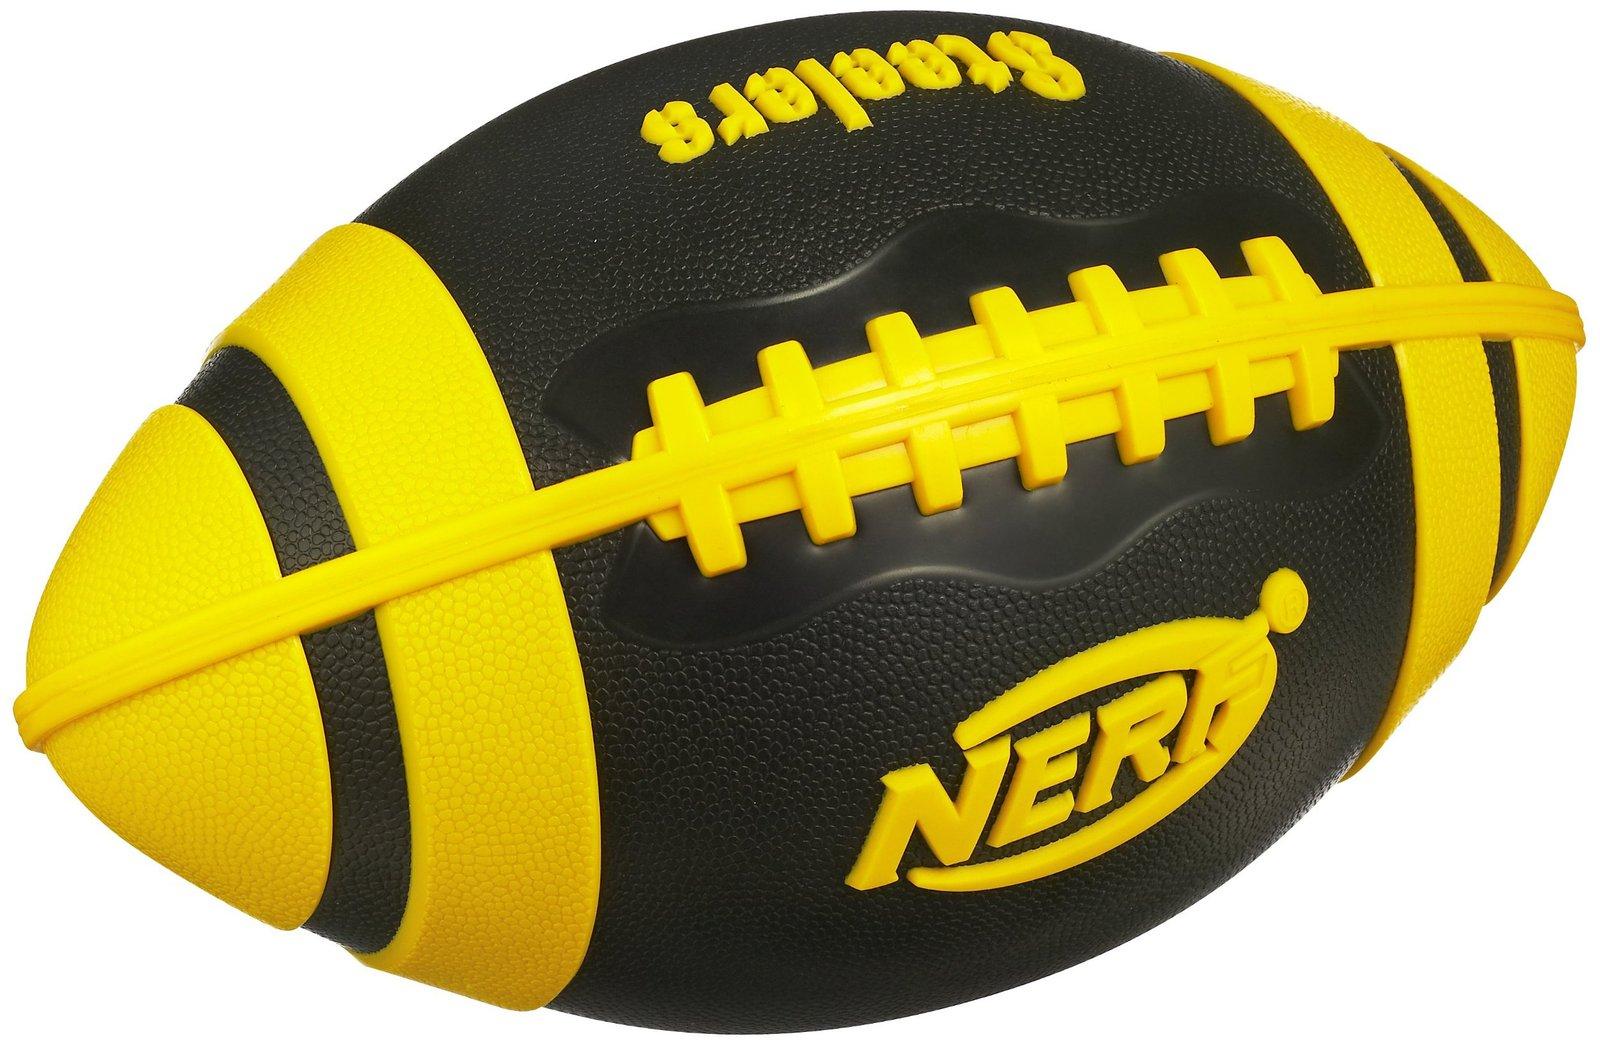 Classic Football   Nerf Wiki   Fandom powered by Wikia